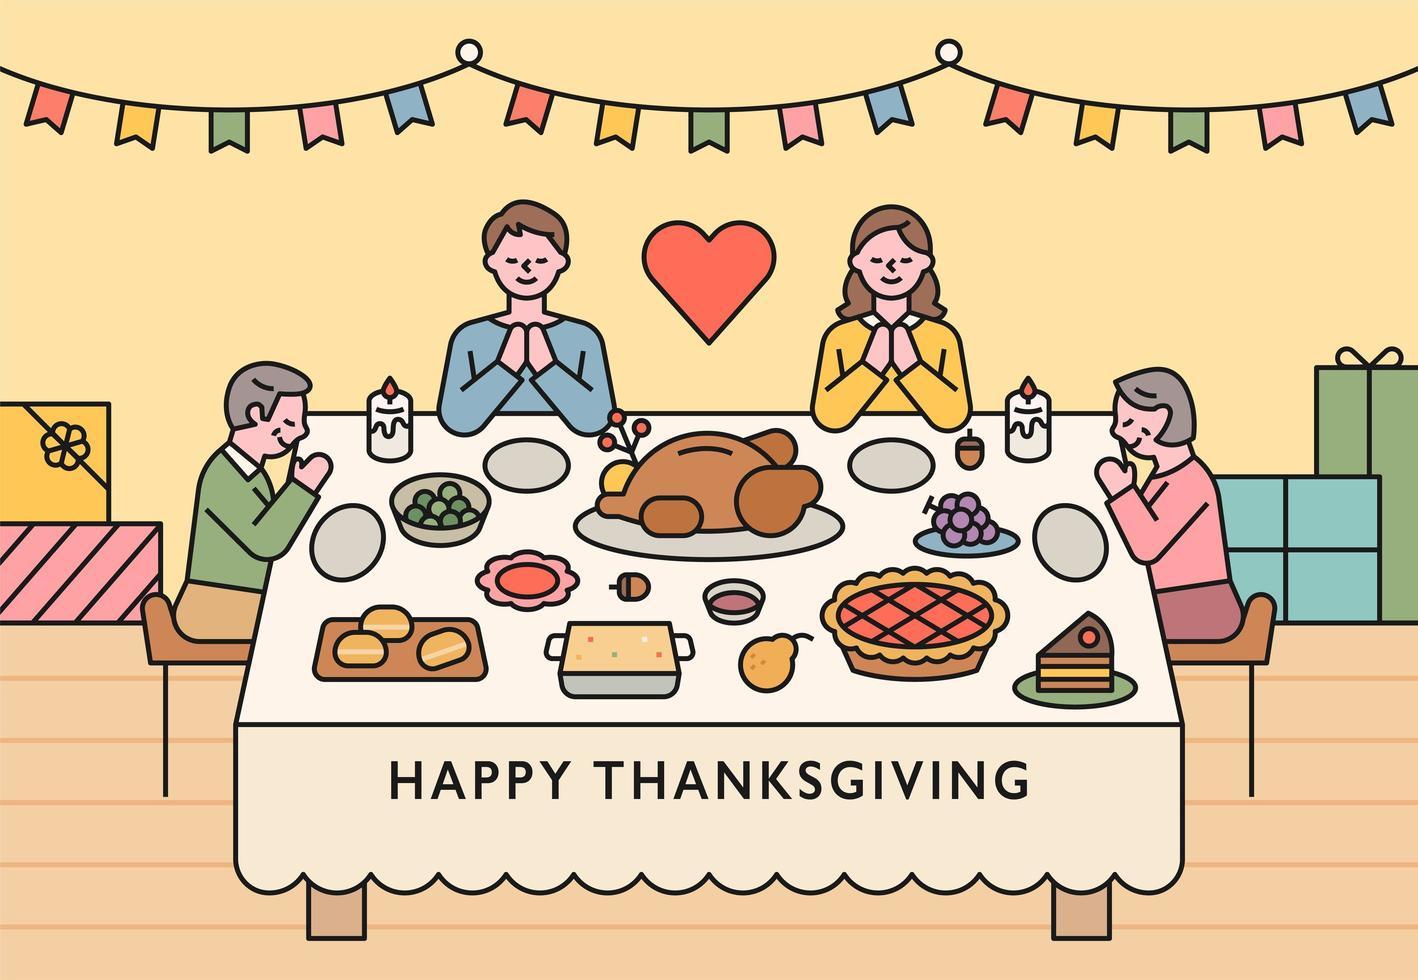 gezinnen zitten rond een tafel met dankzegging en gebed vector